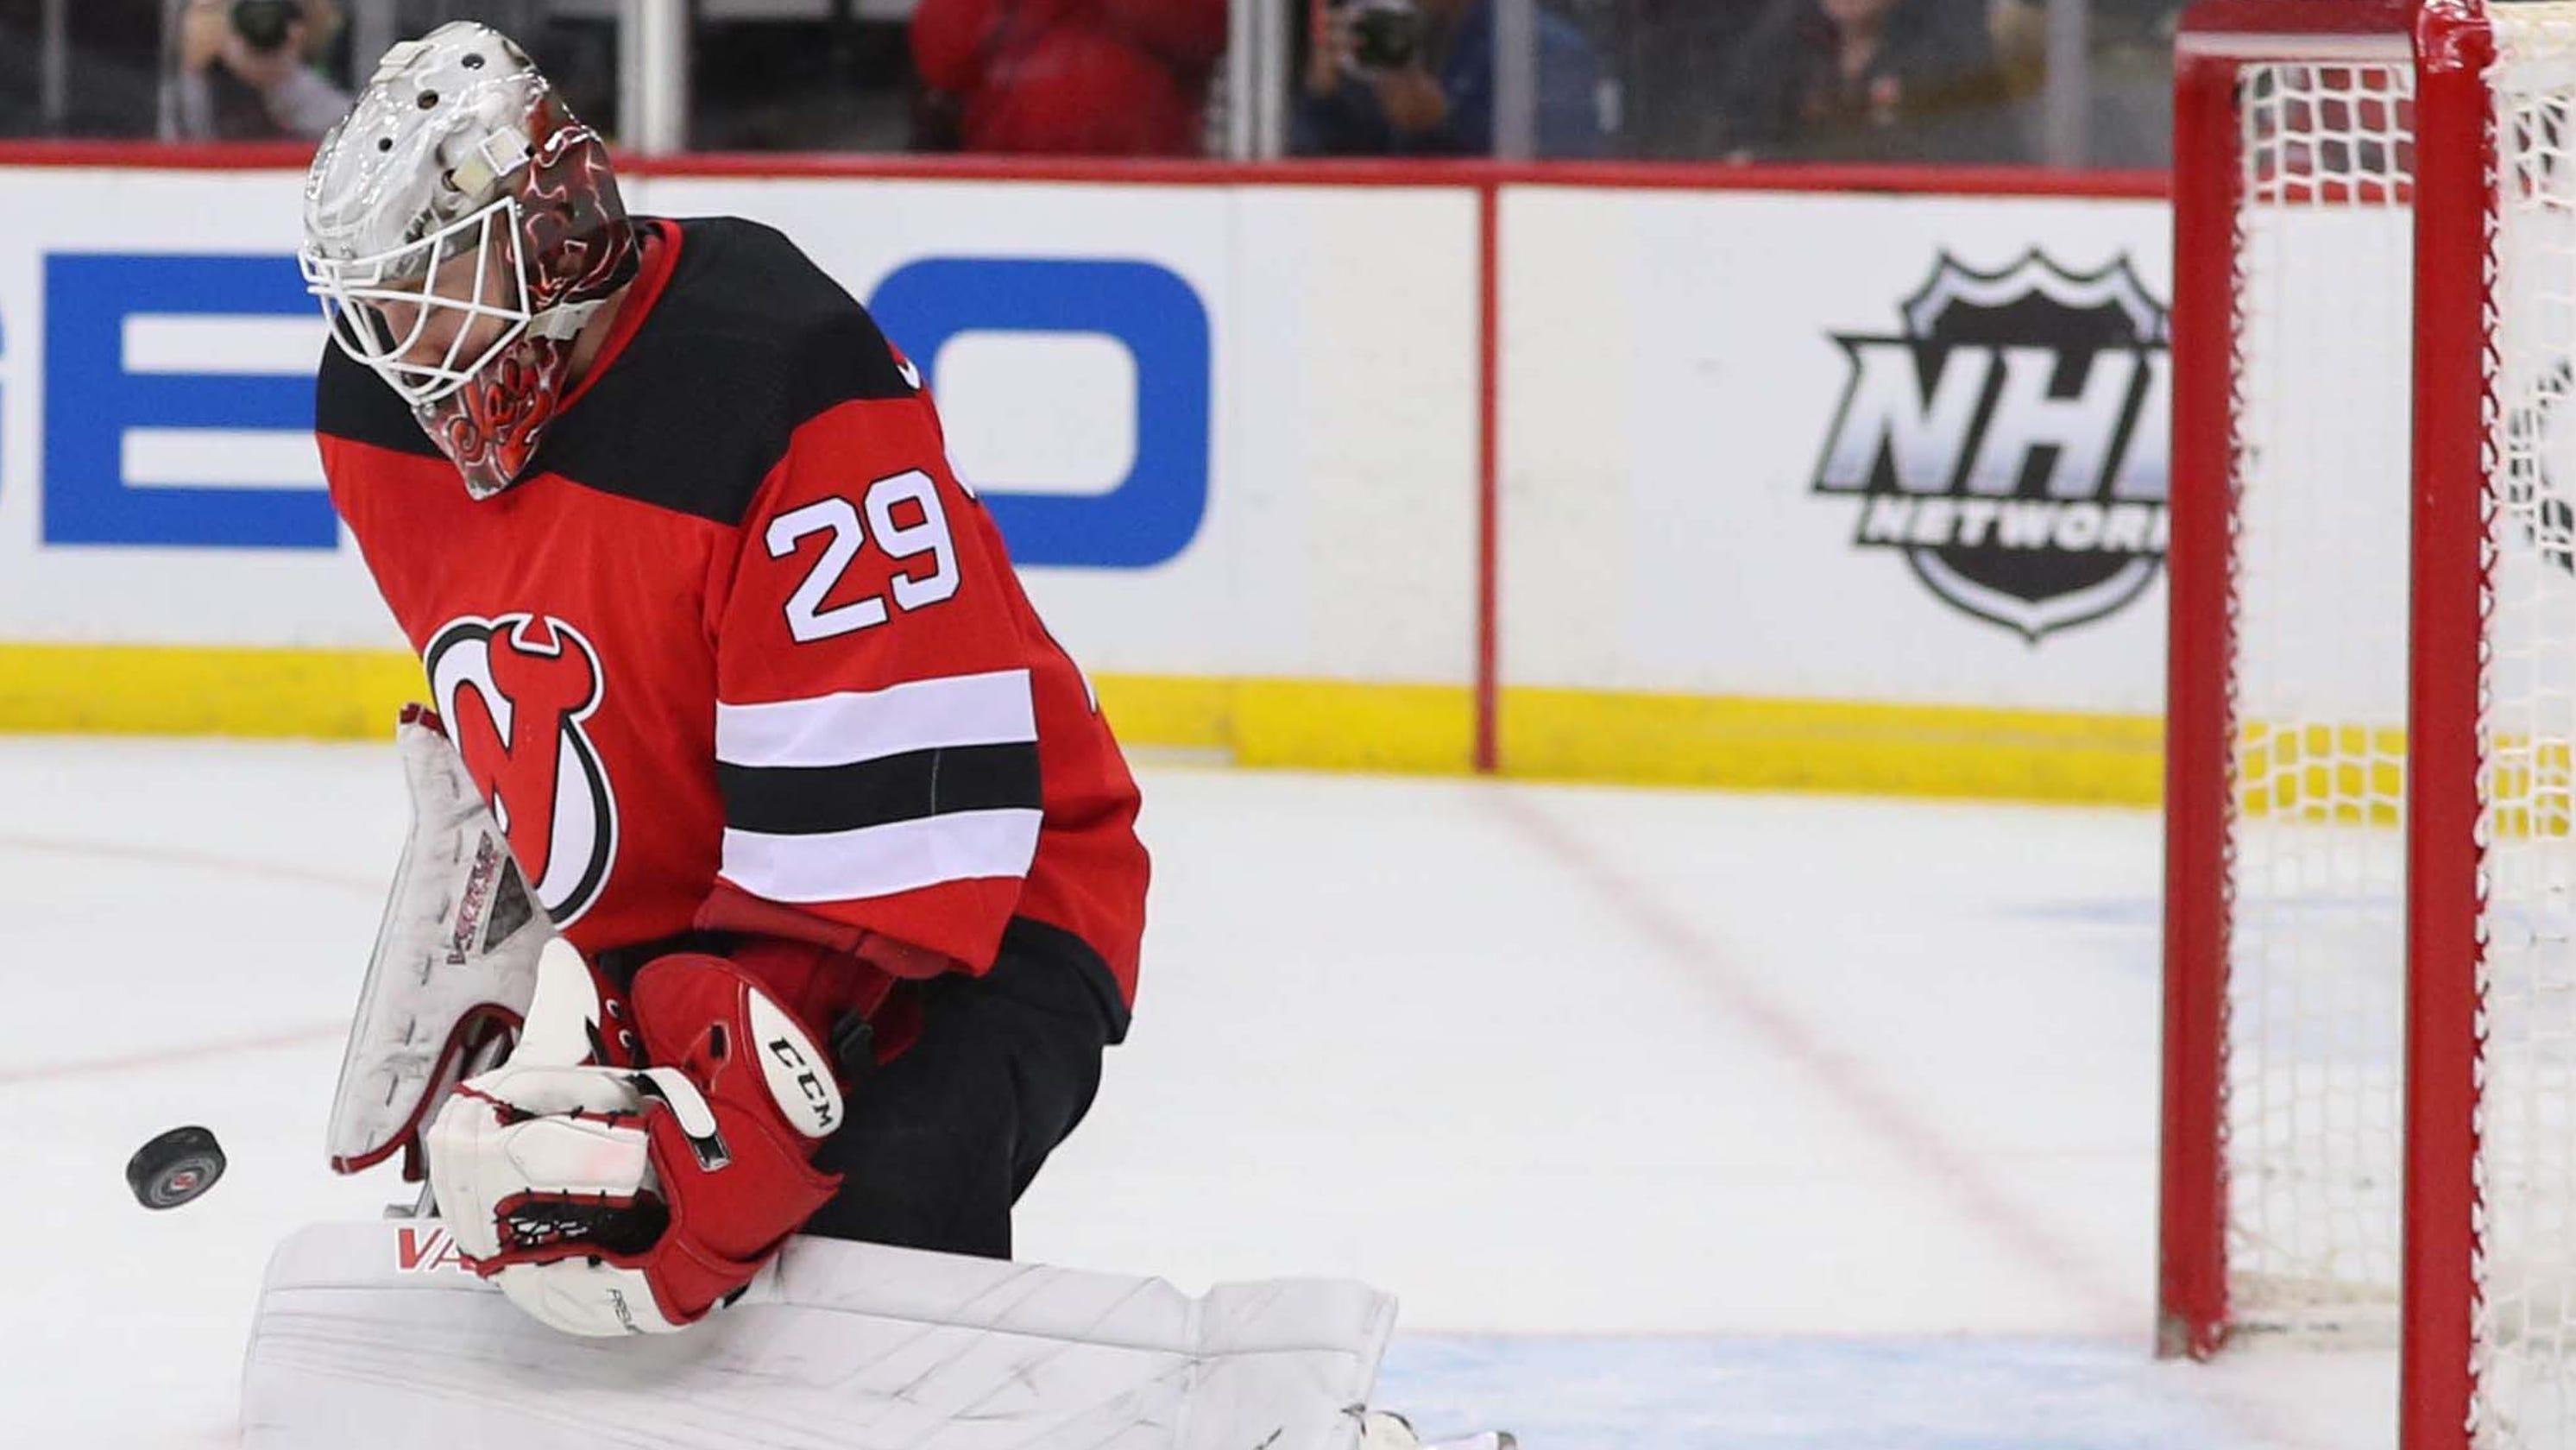 dddb52ea6 Mackenzie Blackwood earns 1st NHL shutout in NJ Devils  2-0 win over  Hurricanes